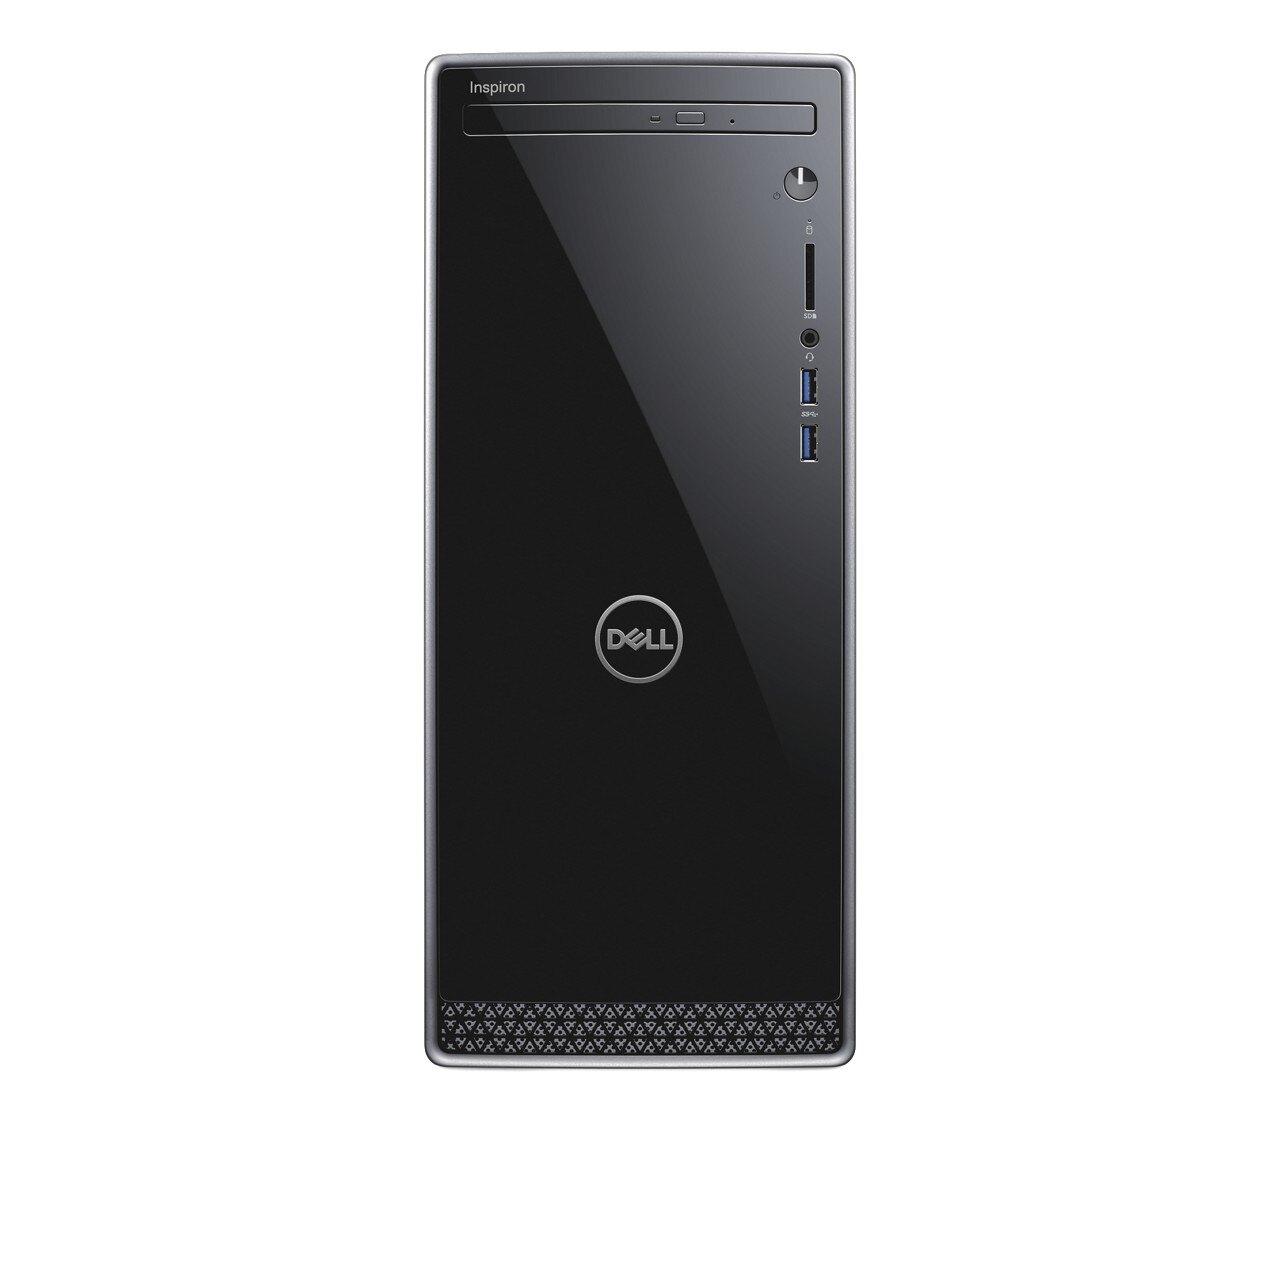 DELL INSPIRON 3670 DESKTOP|I5-9400|1TB HDD|12GB RAM|15,715 Rakuten Points ($157.15 Back) $449.99